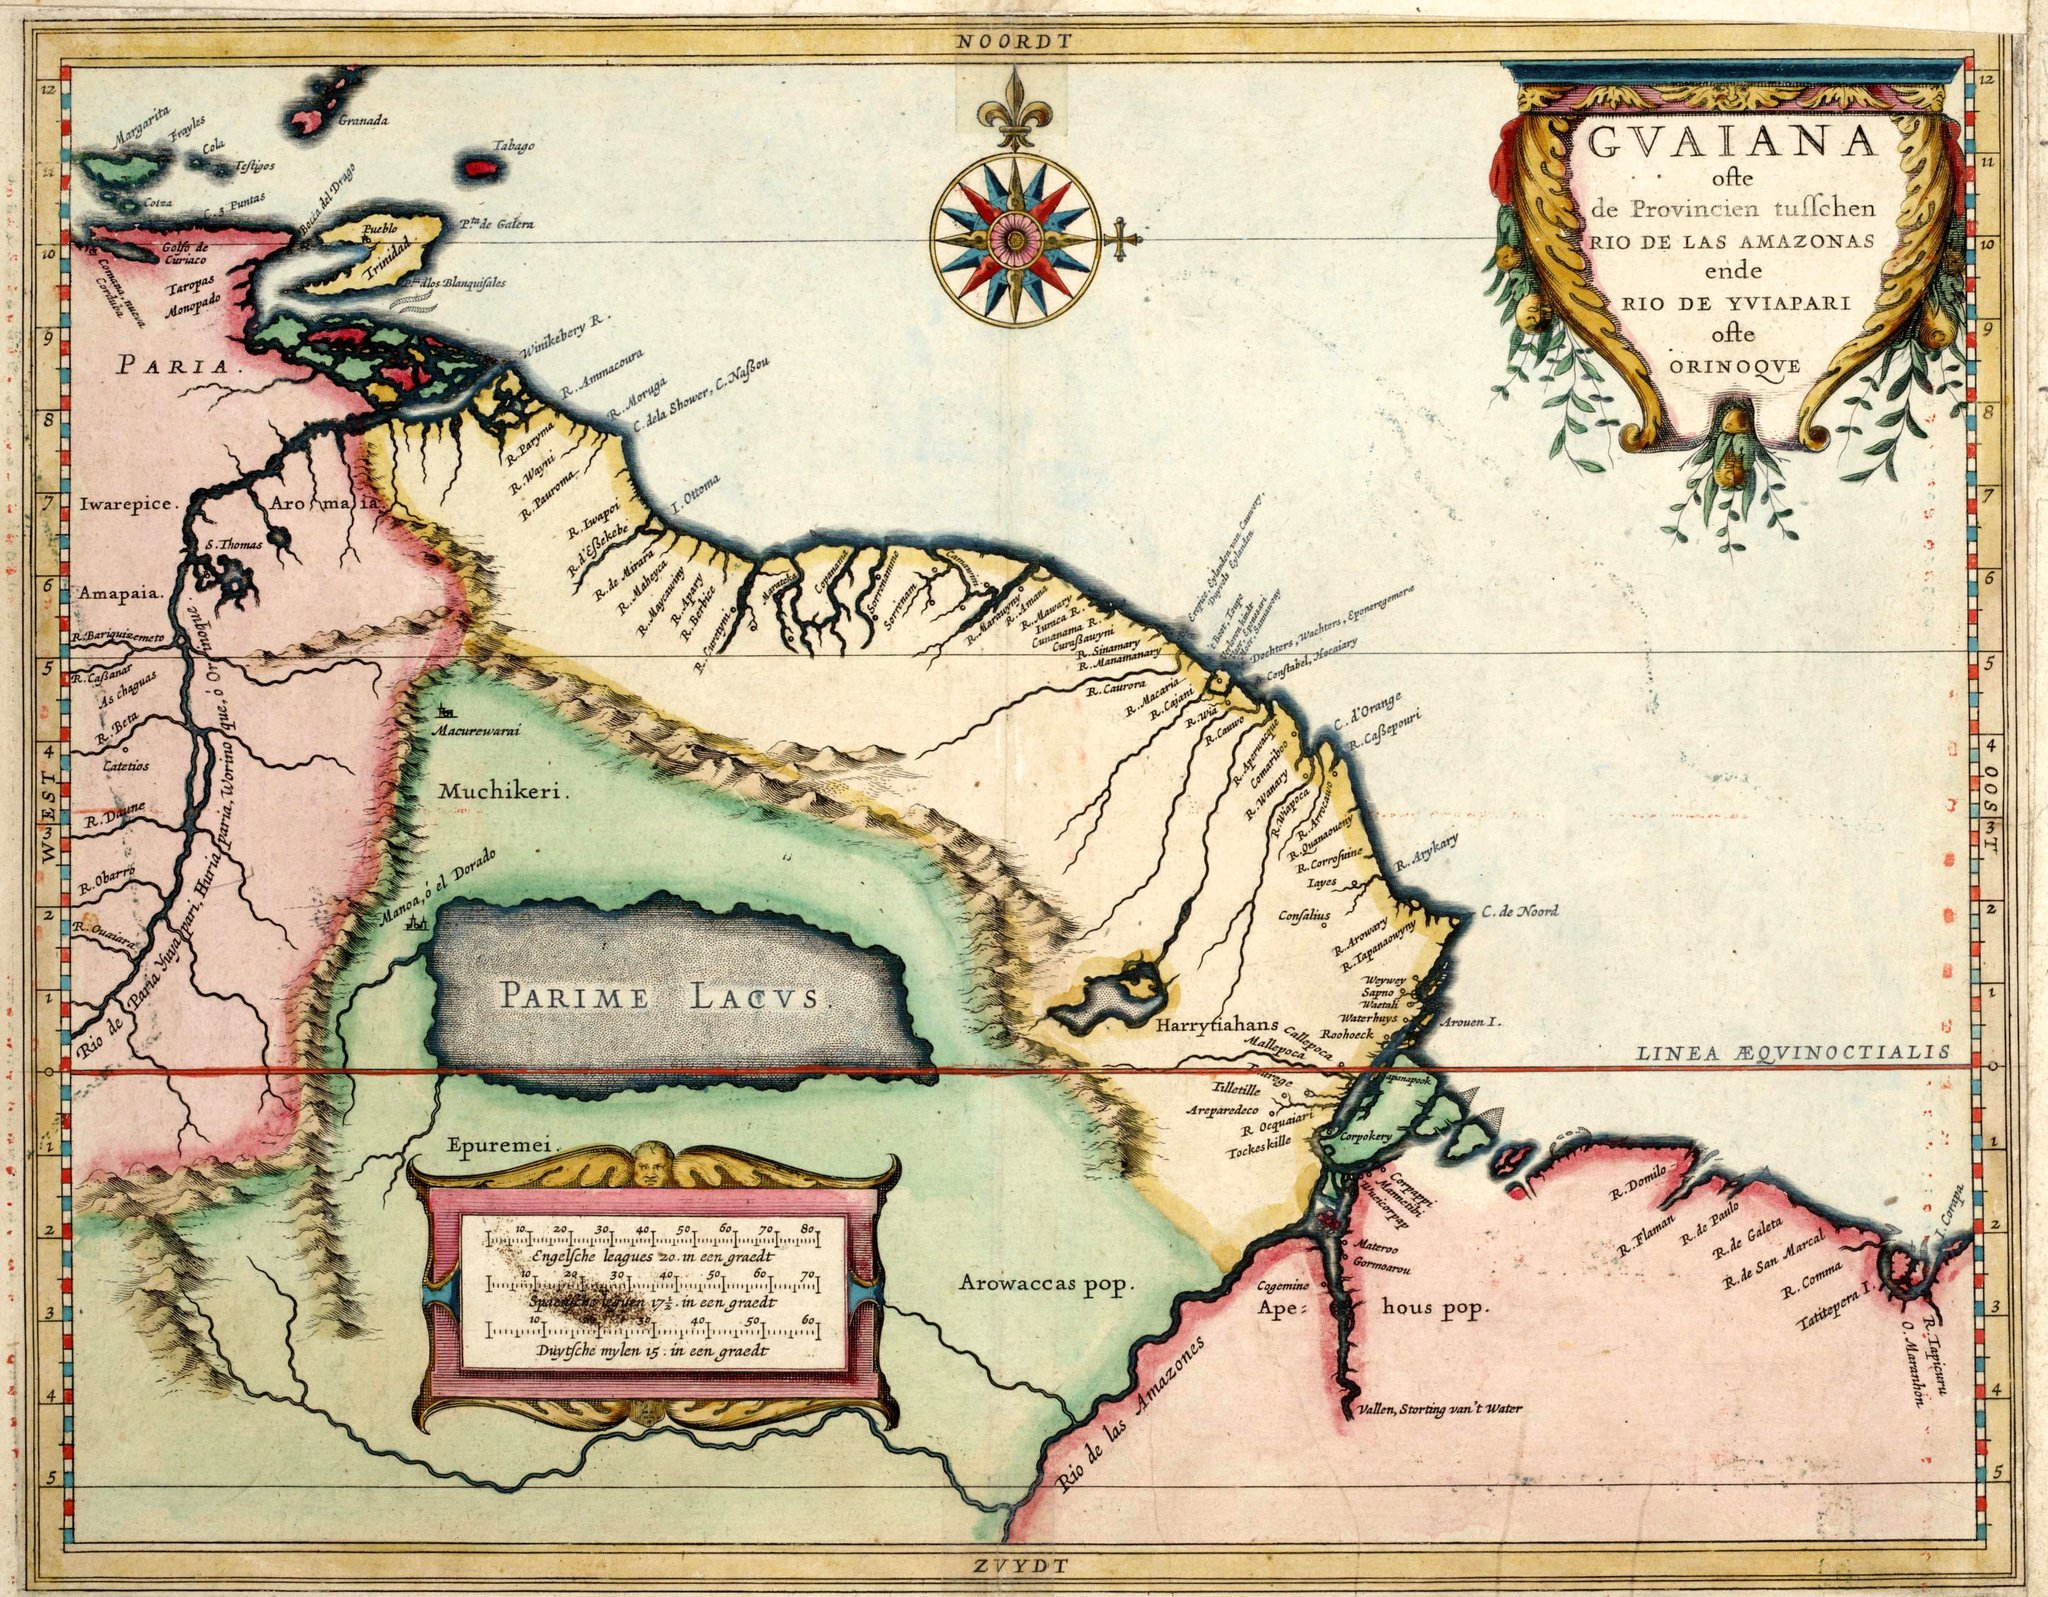 Według XVII-wiecznego holenderskiego kartografa jezioro Parima imiasto El Dorado znajdowały się właśnie tu – mapa z1625 roku Według XVII-wiecznego holenderskiego kartografa jezioro Parima imiasto El Dorado znajdowały się właśnie tu – mapa z1625 roku Źródło: domena publiczna.